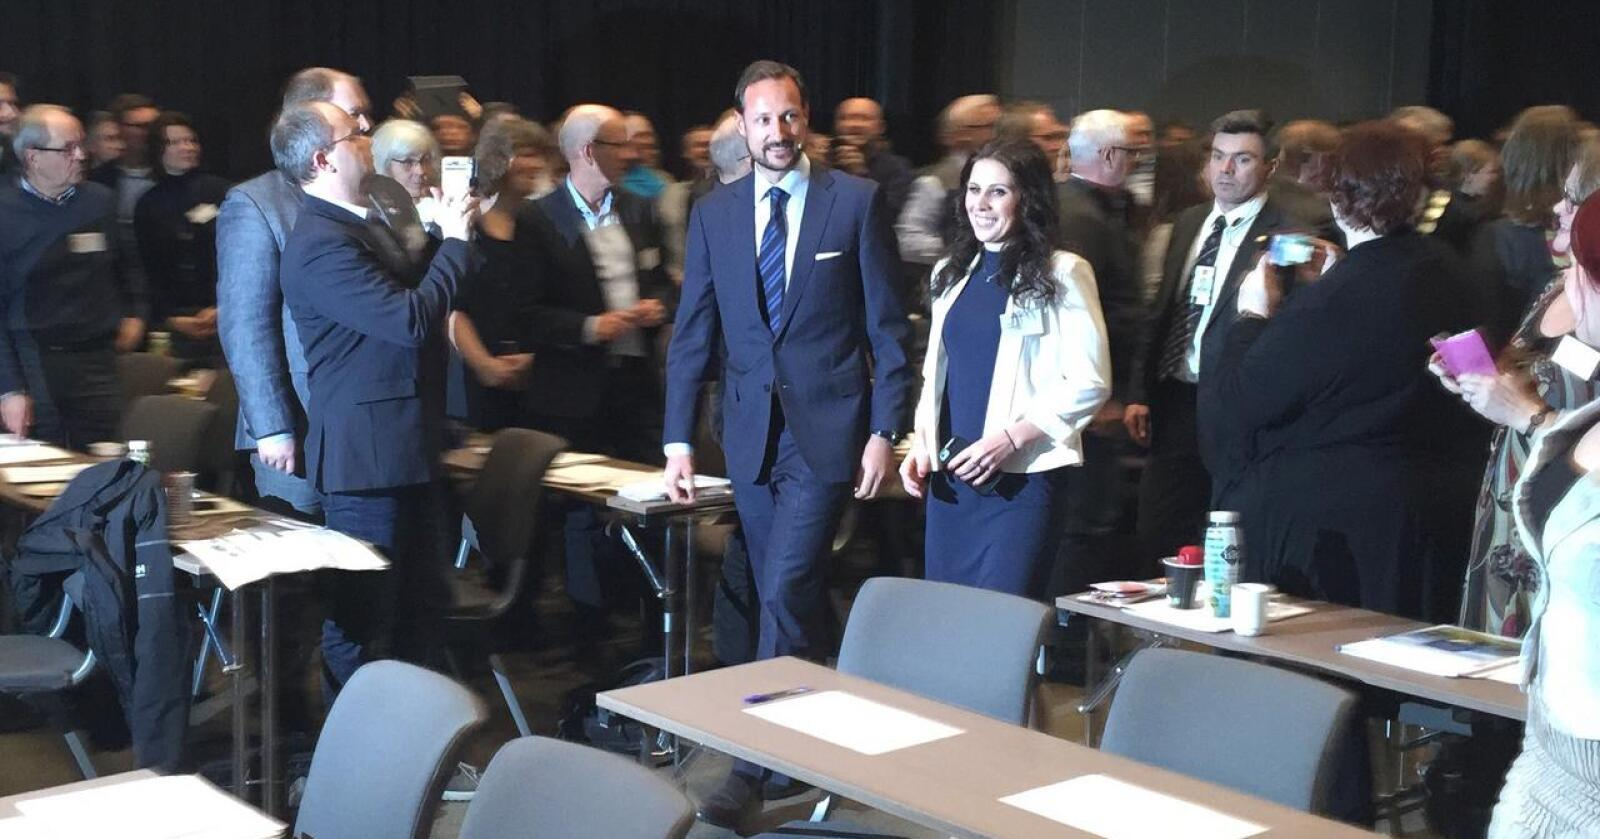 Kastet glans: Kronprins Haakon deltok på Mat og Landbruk 2016. (Foto: Iver Gamme)